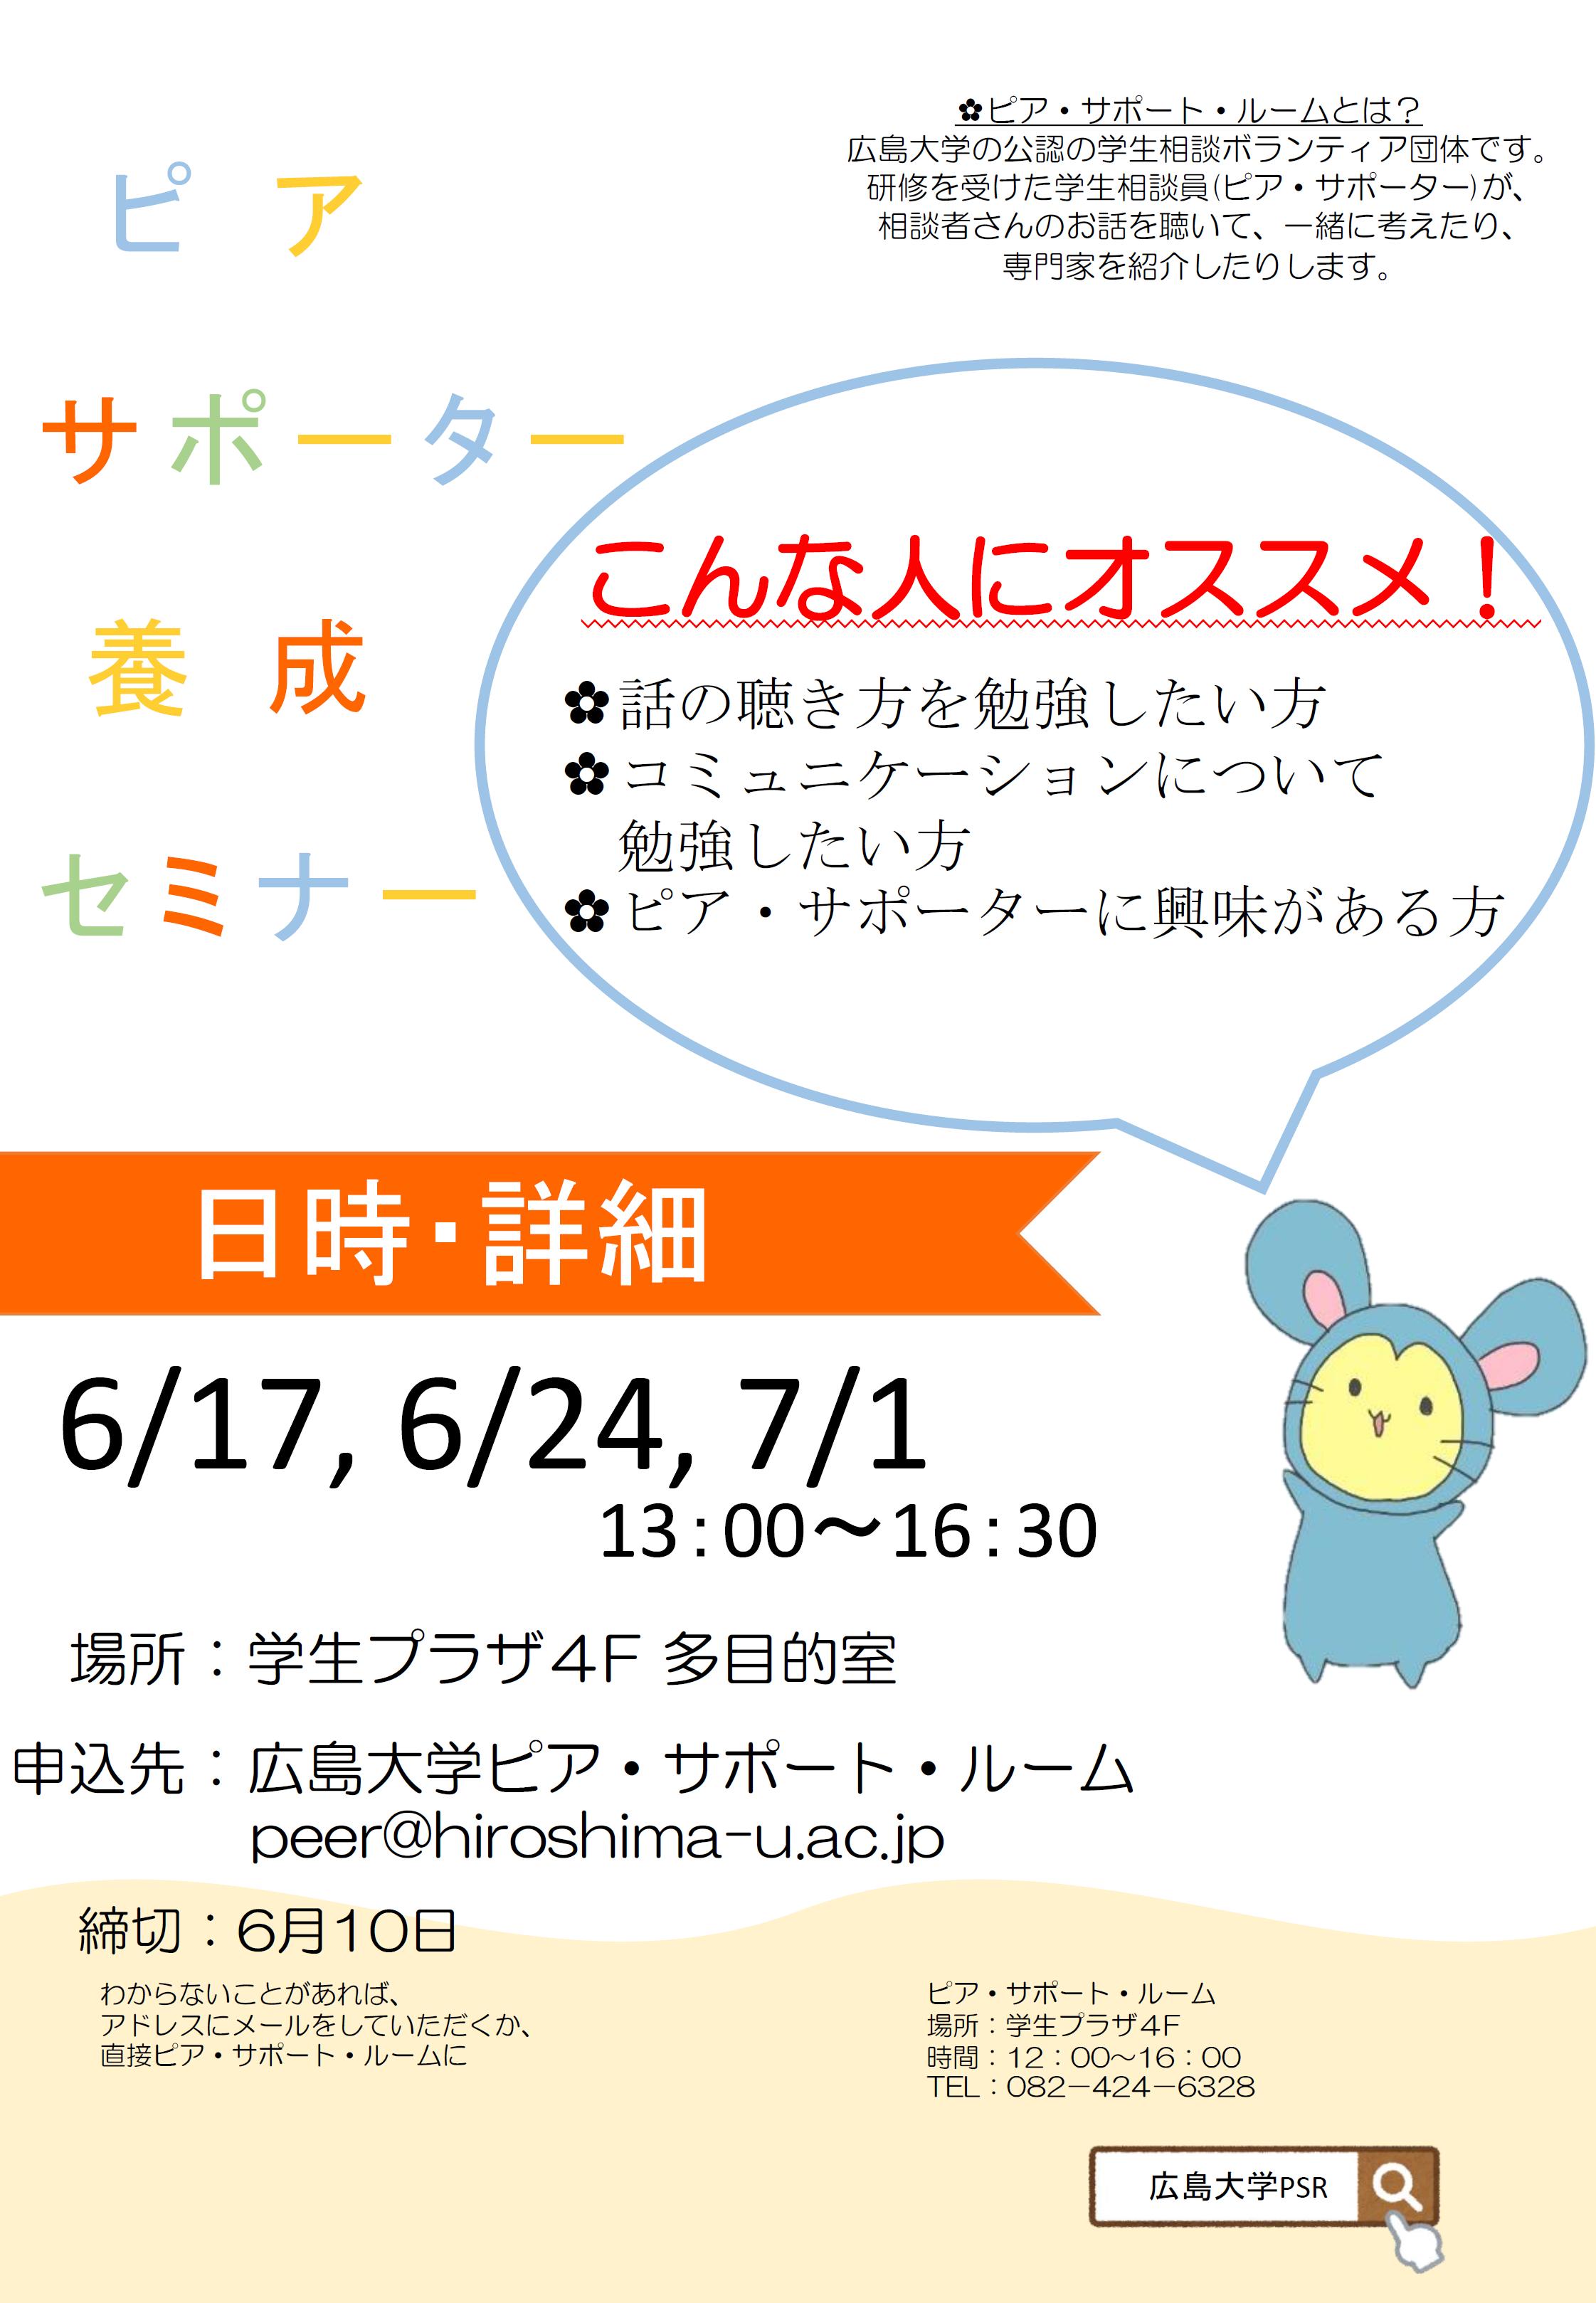 ピア・サポーター養成セミナーを開催します!【6月17日、24日、7月1日(土)】【広島大学ピア・サポート・ルーム】